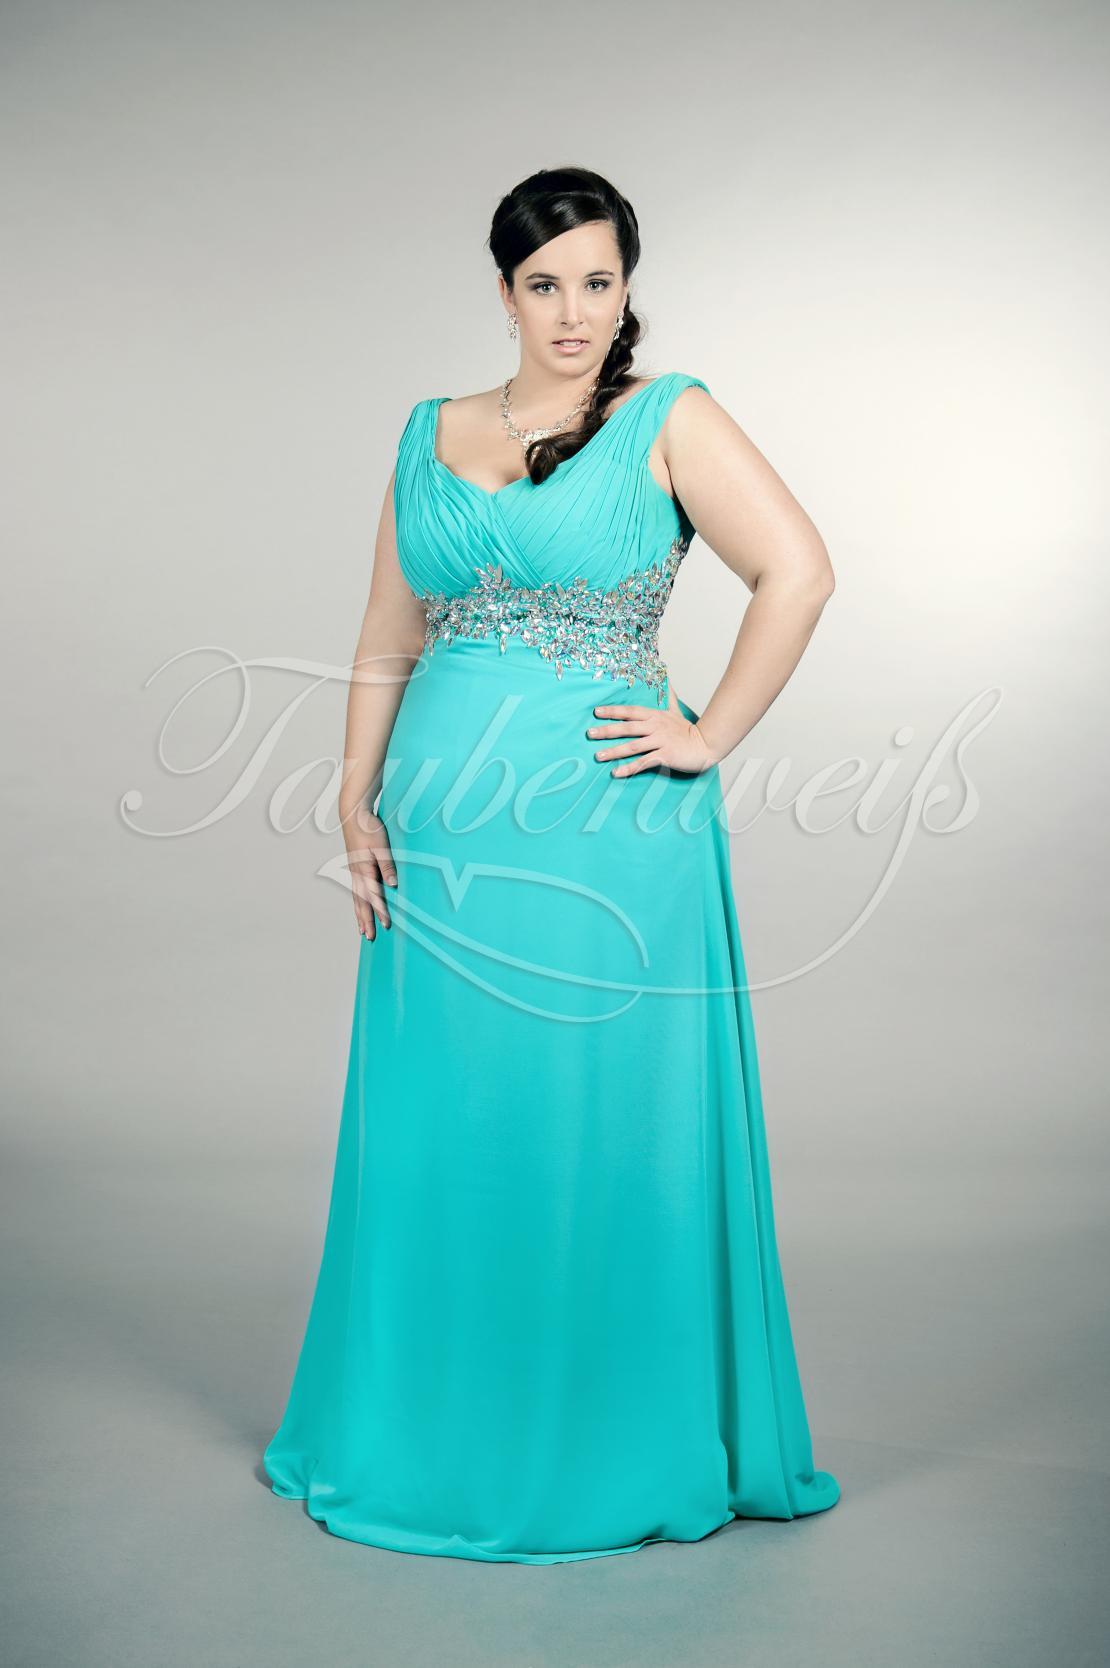 20 Einfach Abendkleid In Übergröße Stylish17 Perfekt Abendkleid In Übergröße Stylish